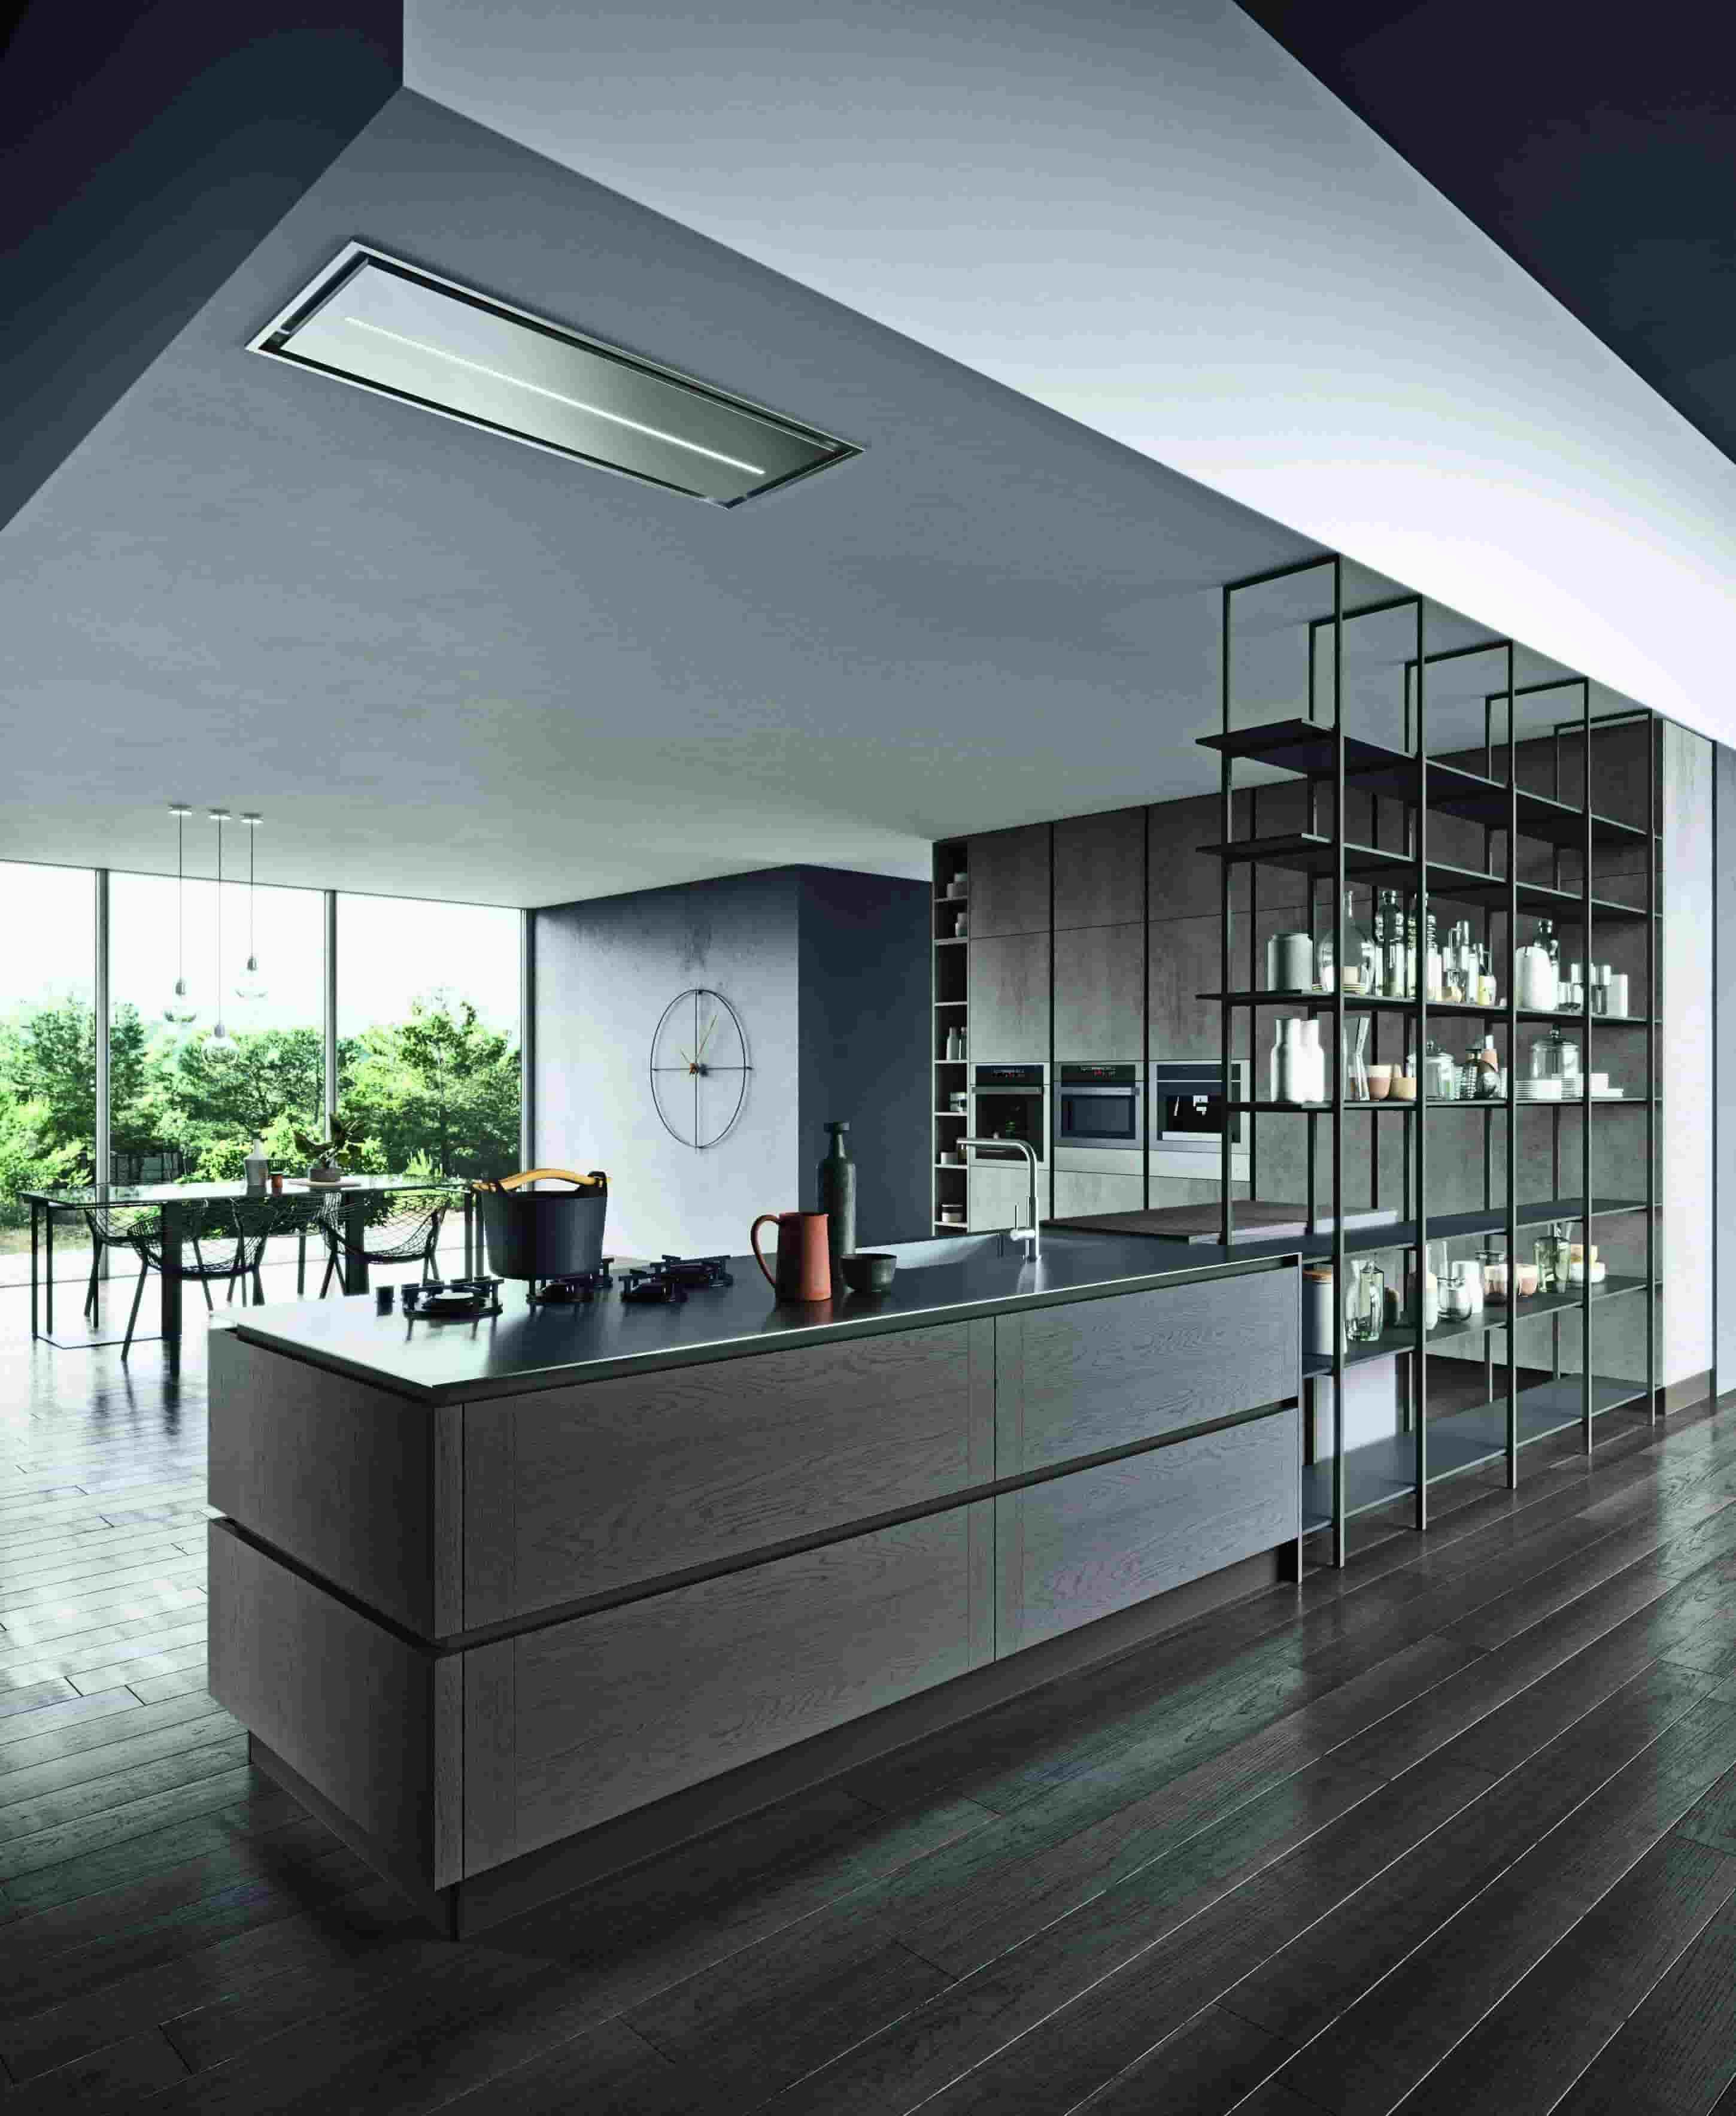 Cucine moderne,classiche,di tendenza.Segui il tuo stile-Lab ...